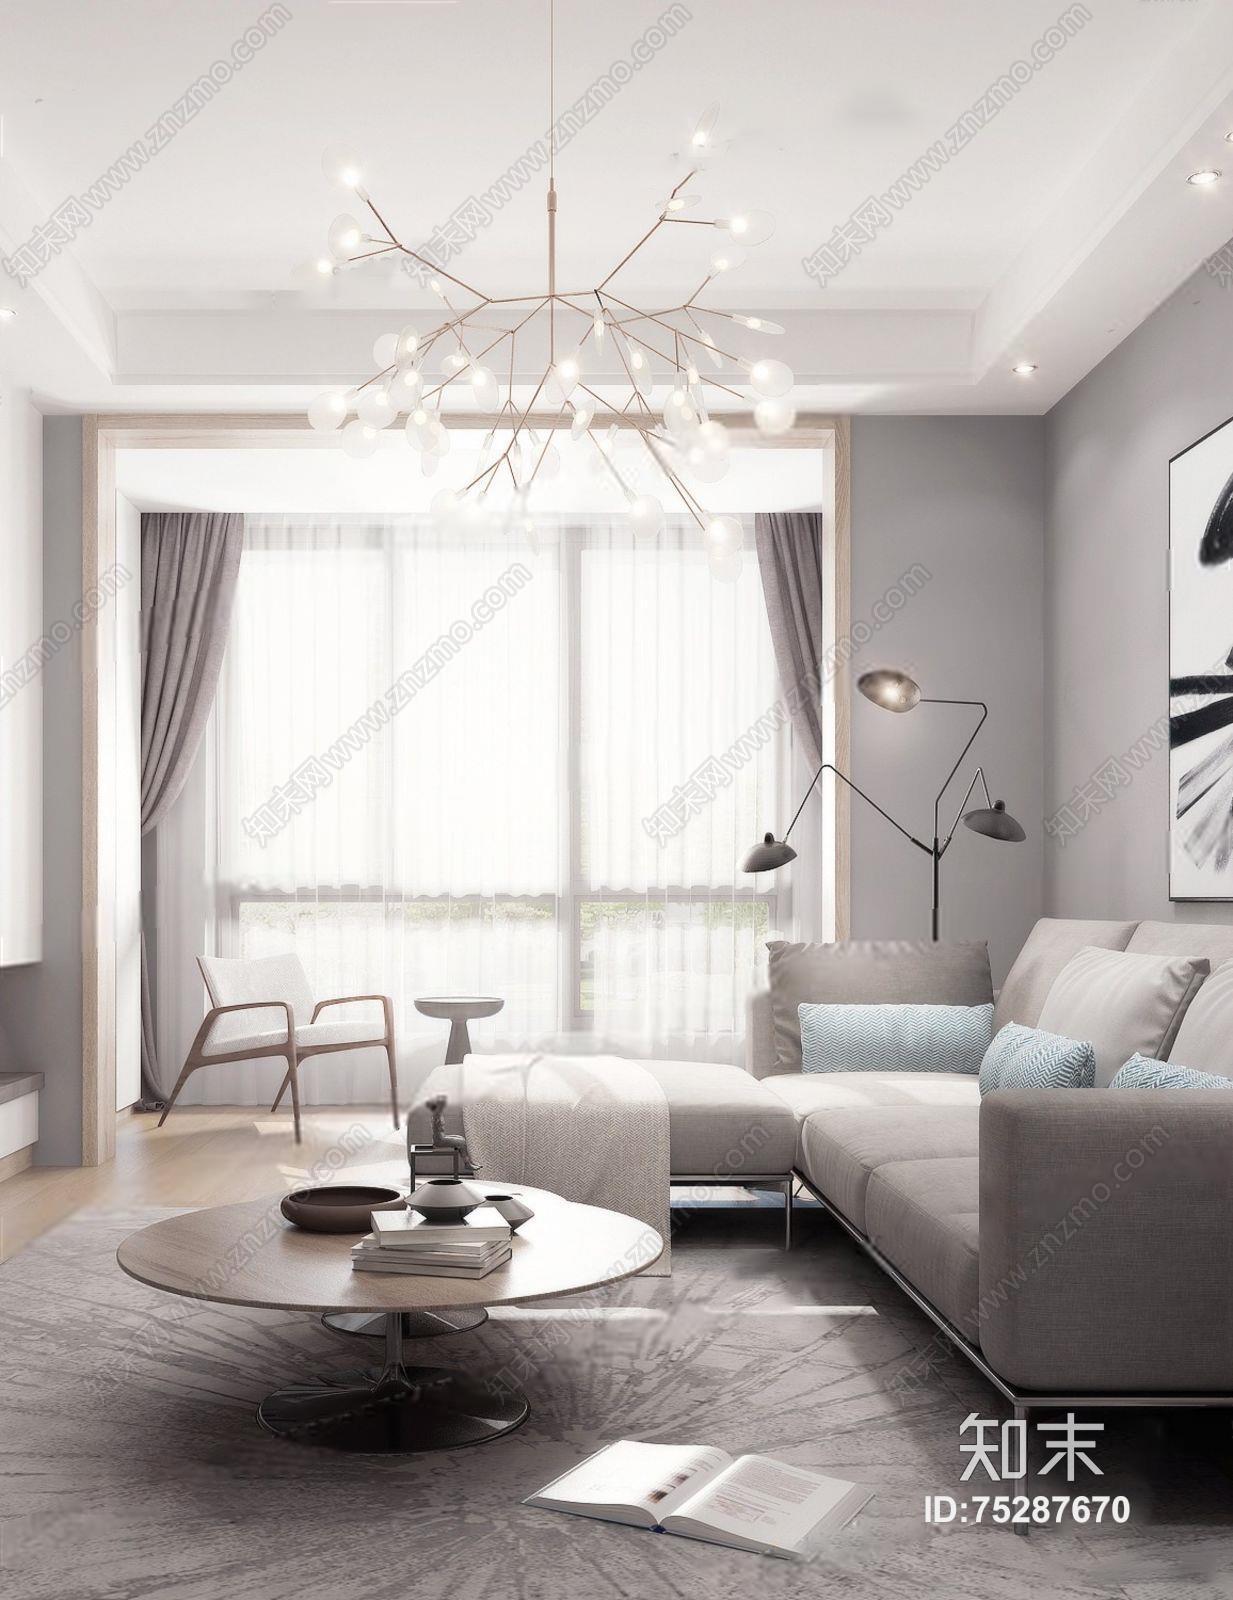 北欧黑白灰客厅 北欧客厅 l多人沙发 ?#23478;?#27801;发 吊灯 圆餐桌 电视背景